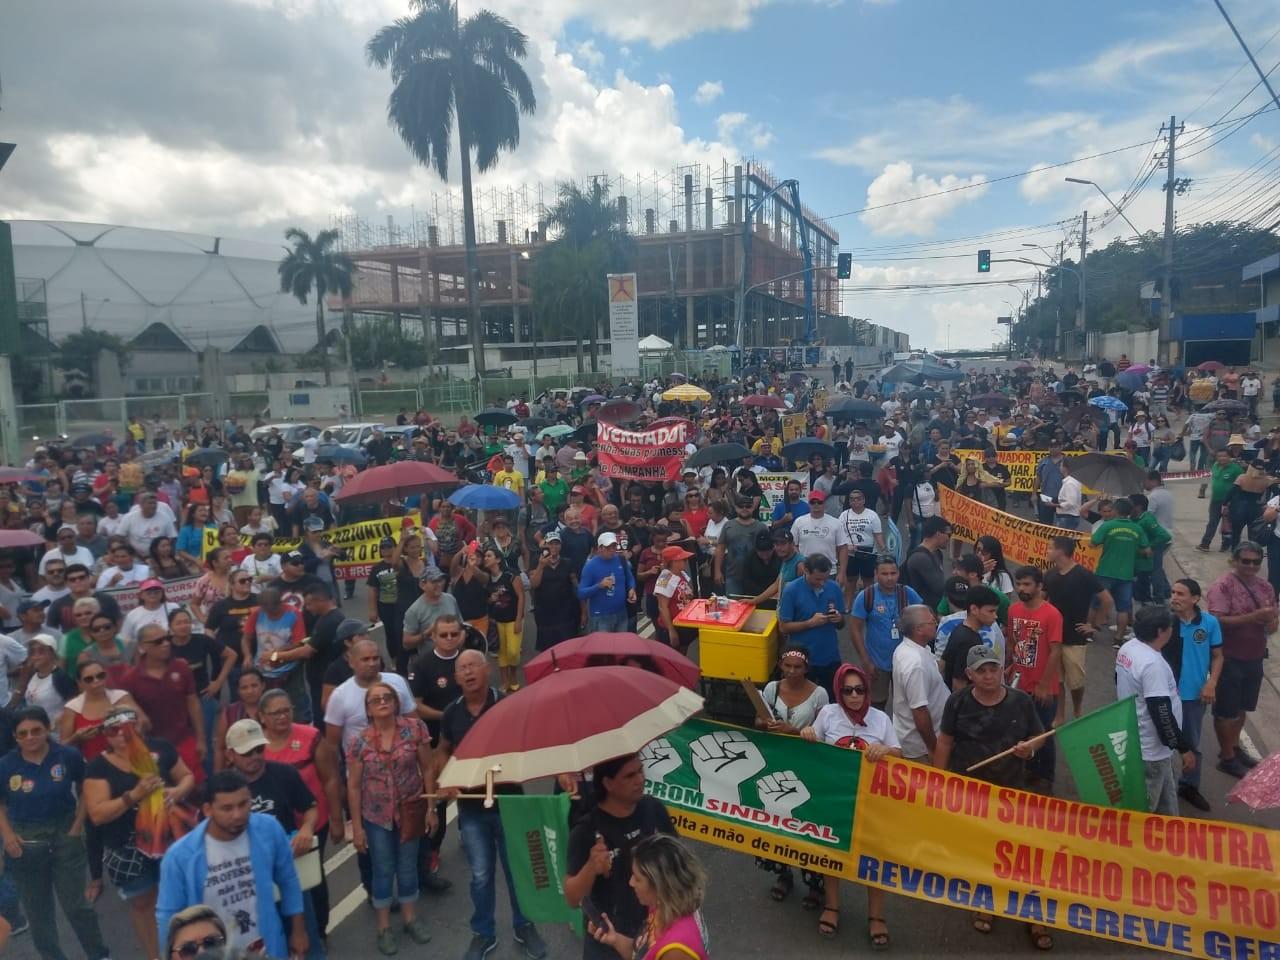 Grupo faz protesto contra medida que suspende, até 2021, reajustes de servidores públicos no AM - Notícias - Plantão Diário